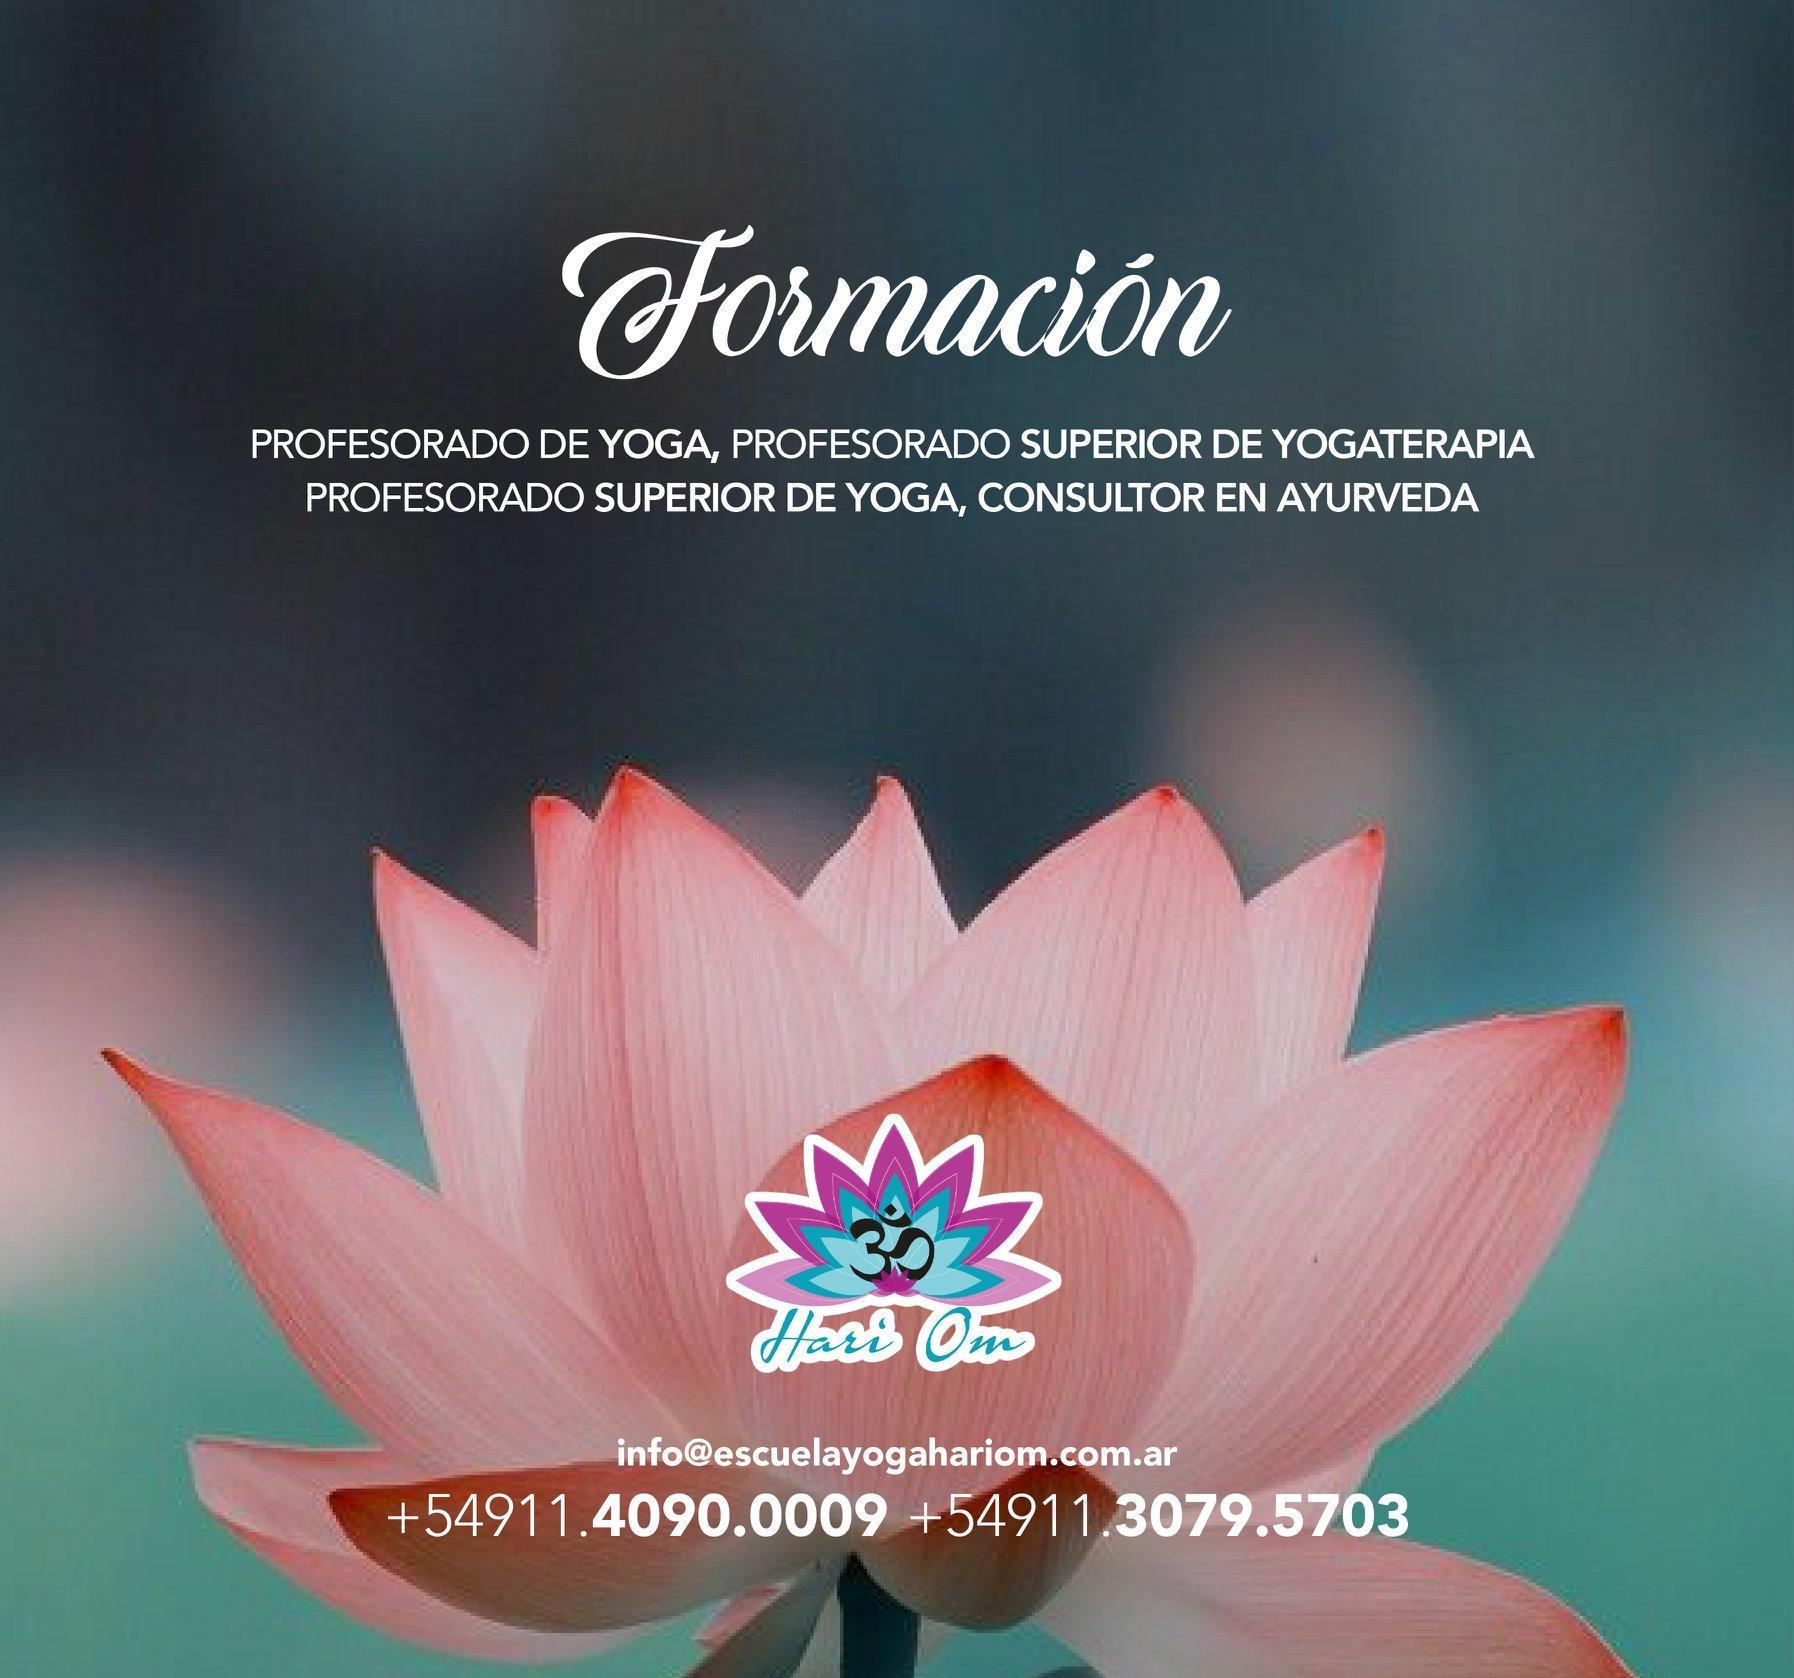 Hari Om Internacional - Escuela de Yoga y Ayurveda